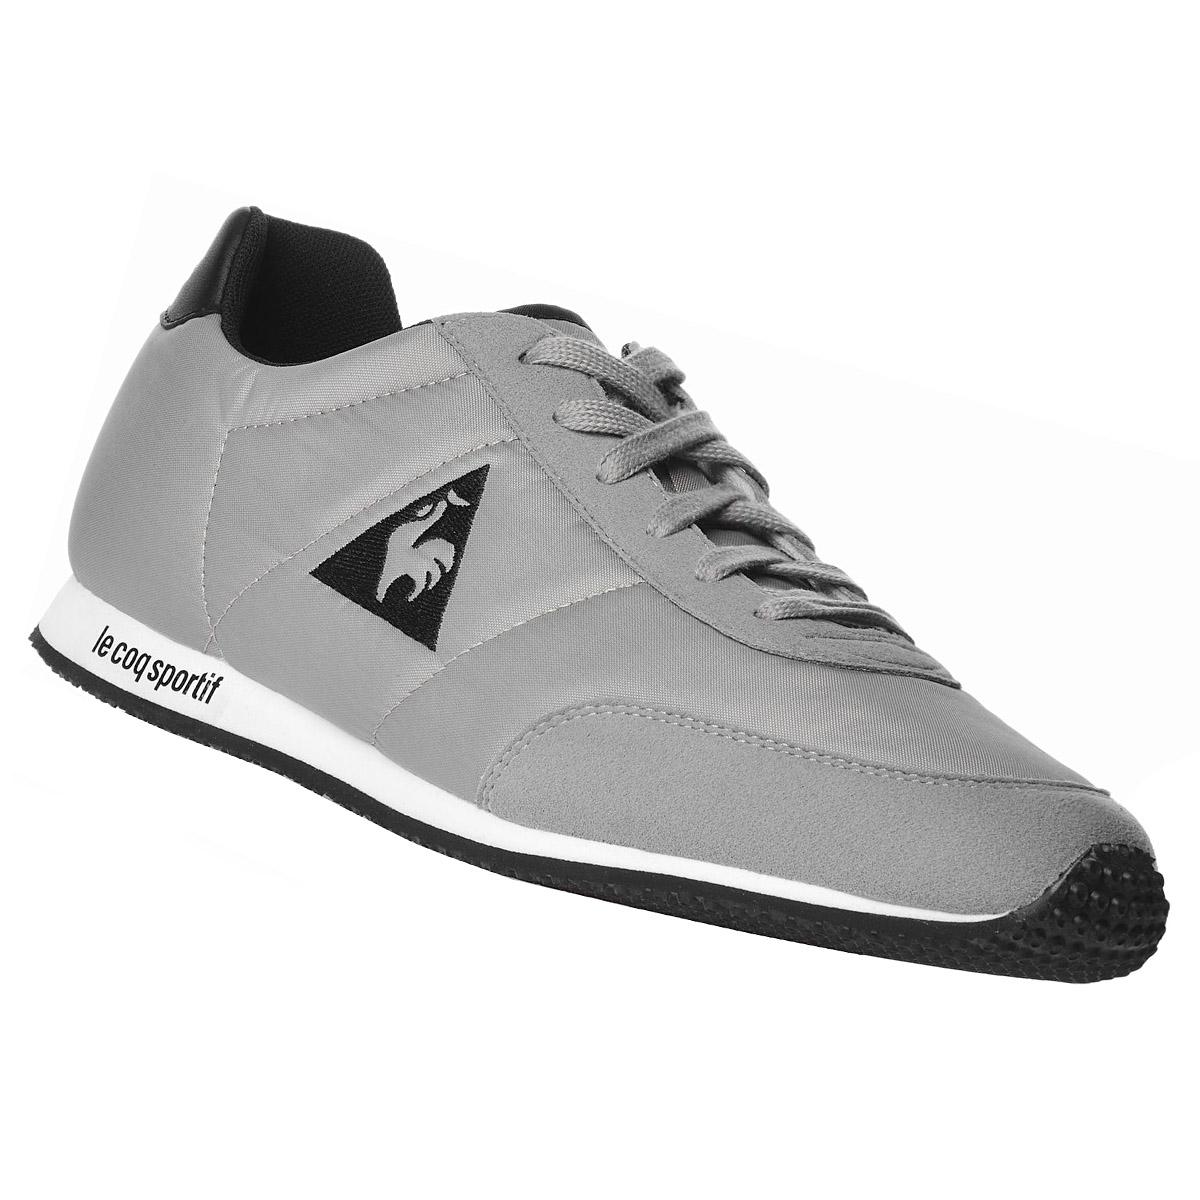 6d03b4e5f1f0 le coq sportif mens shoes grey